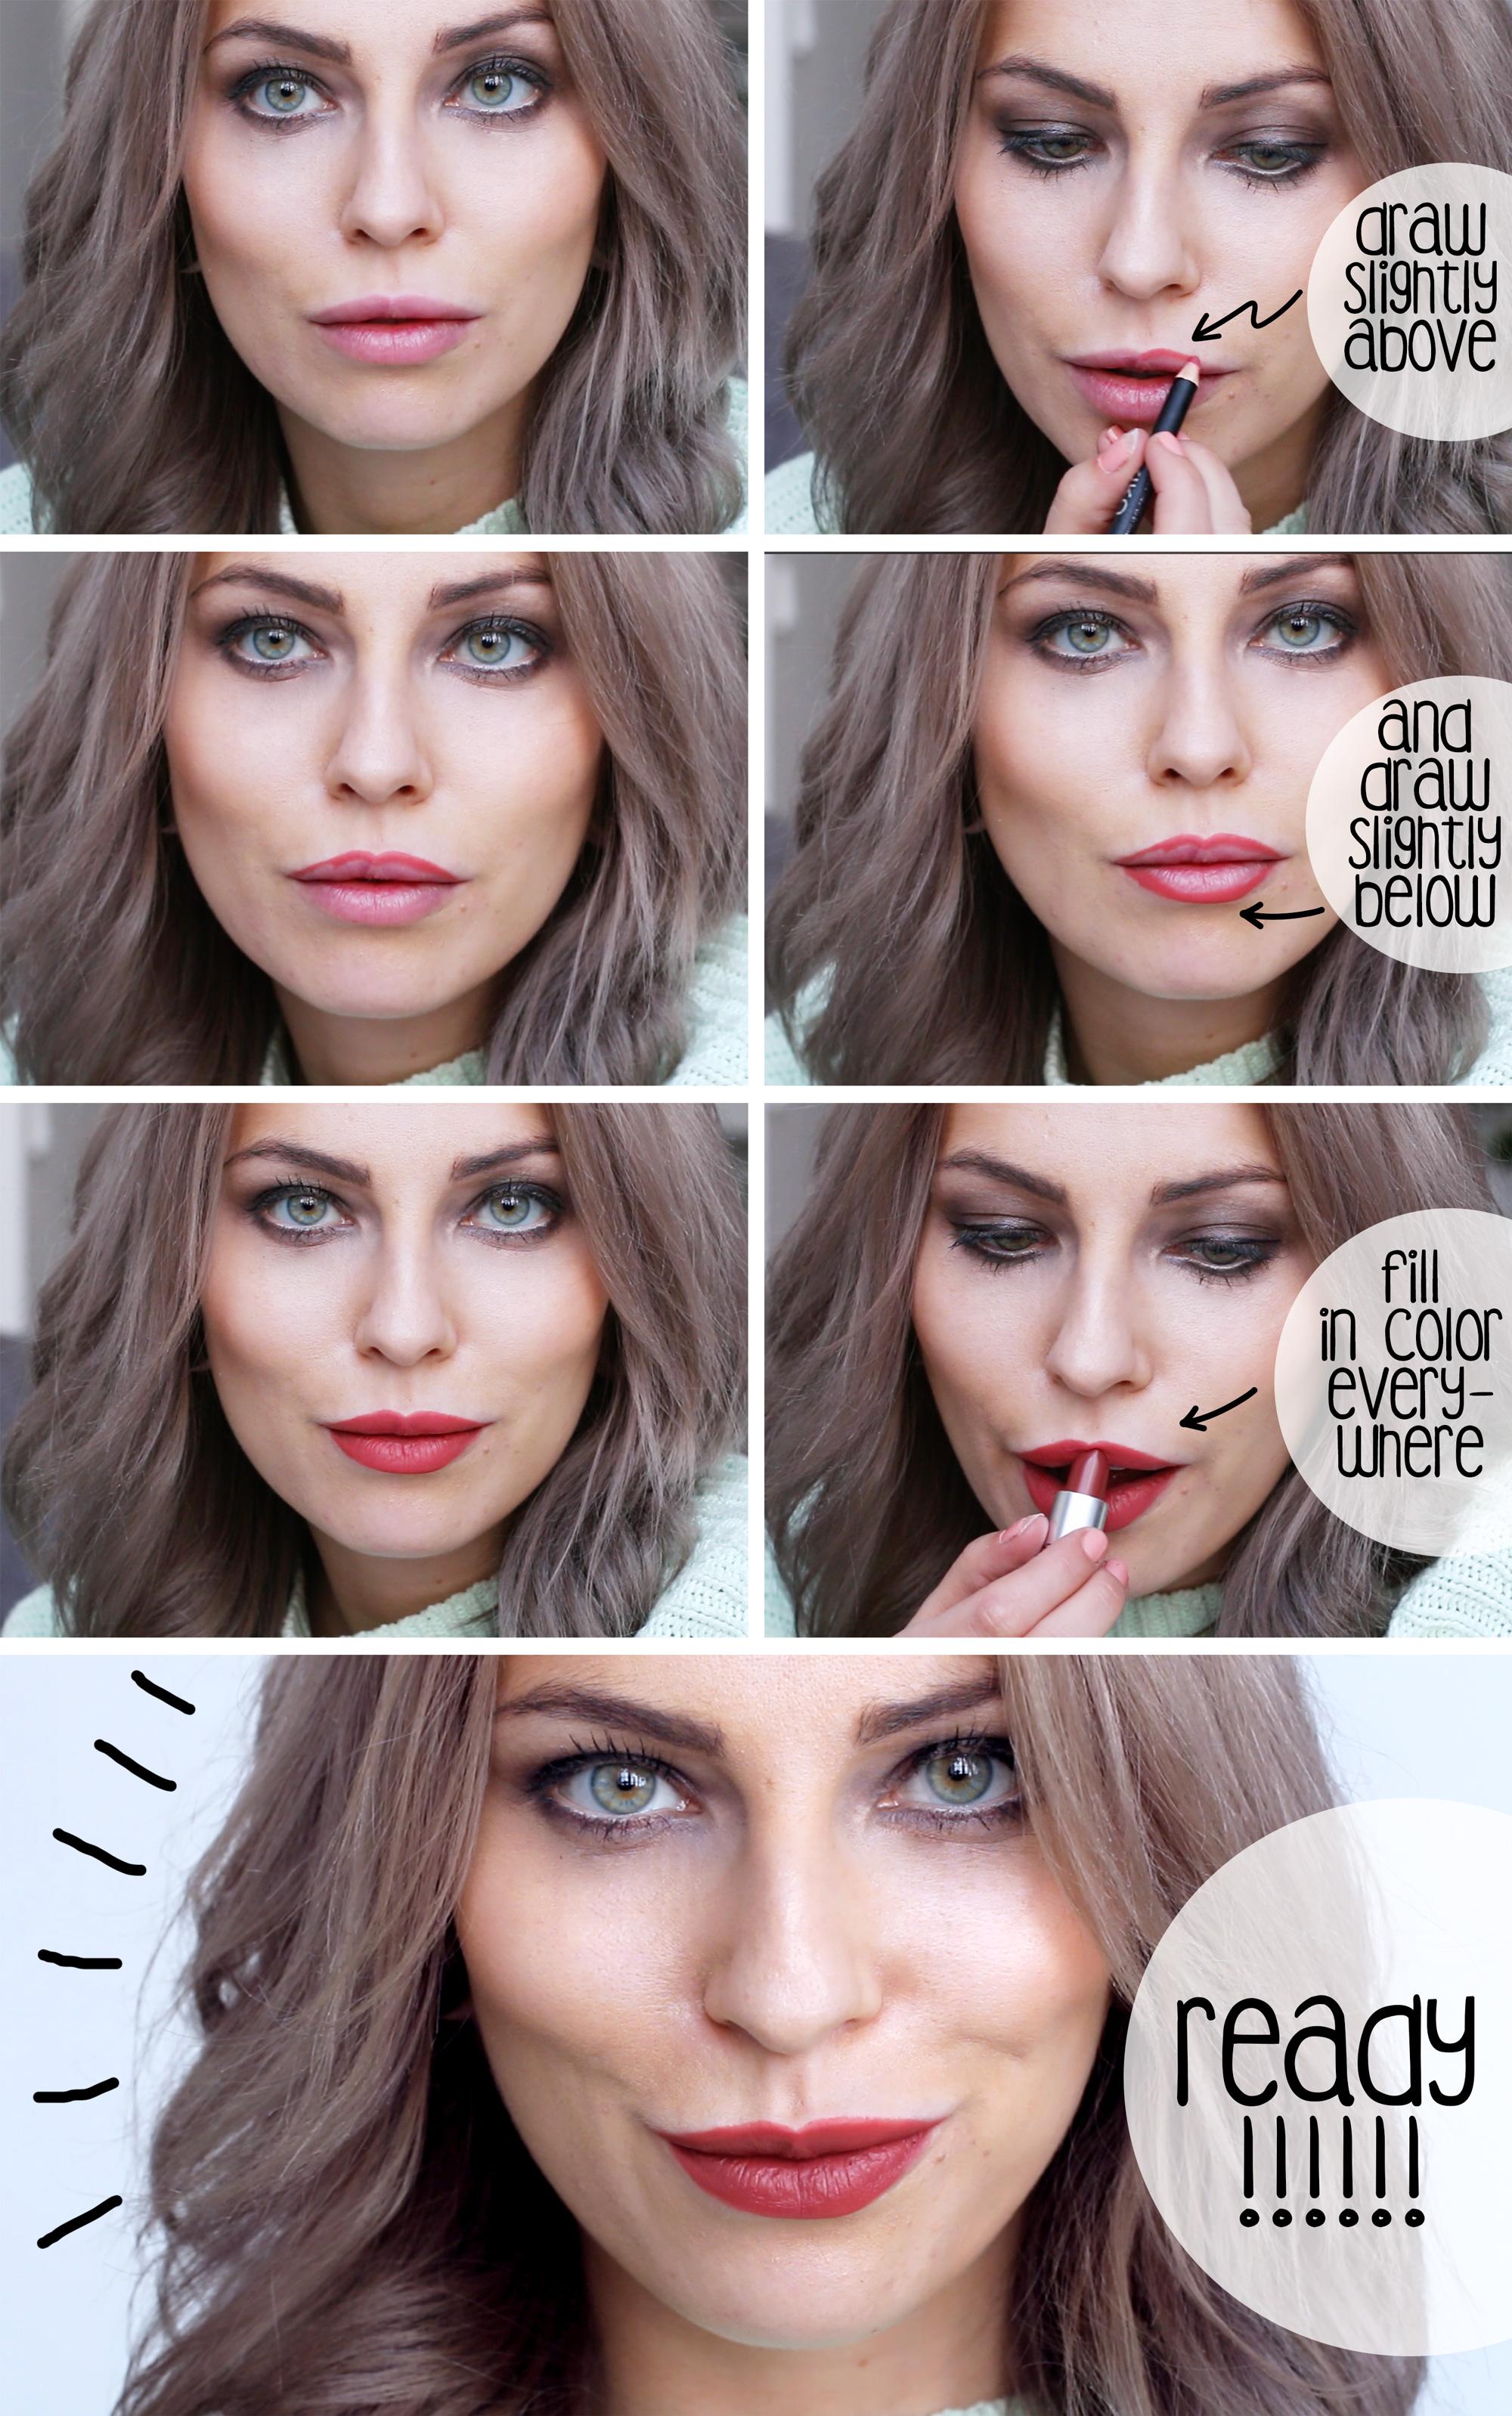 fuller-lips-1